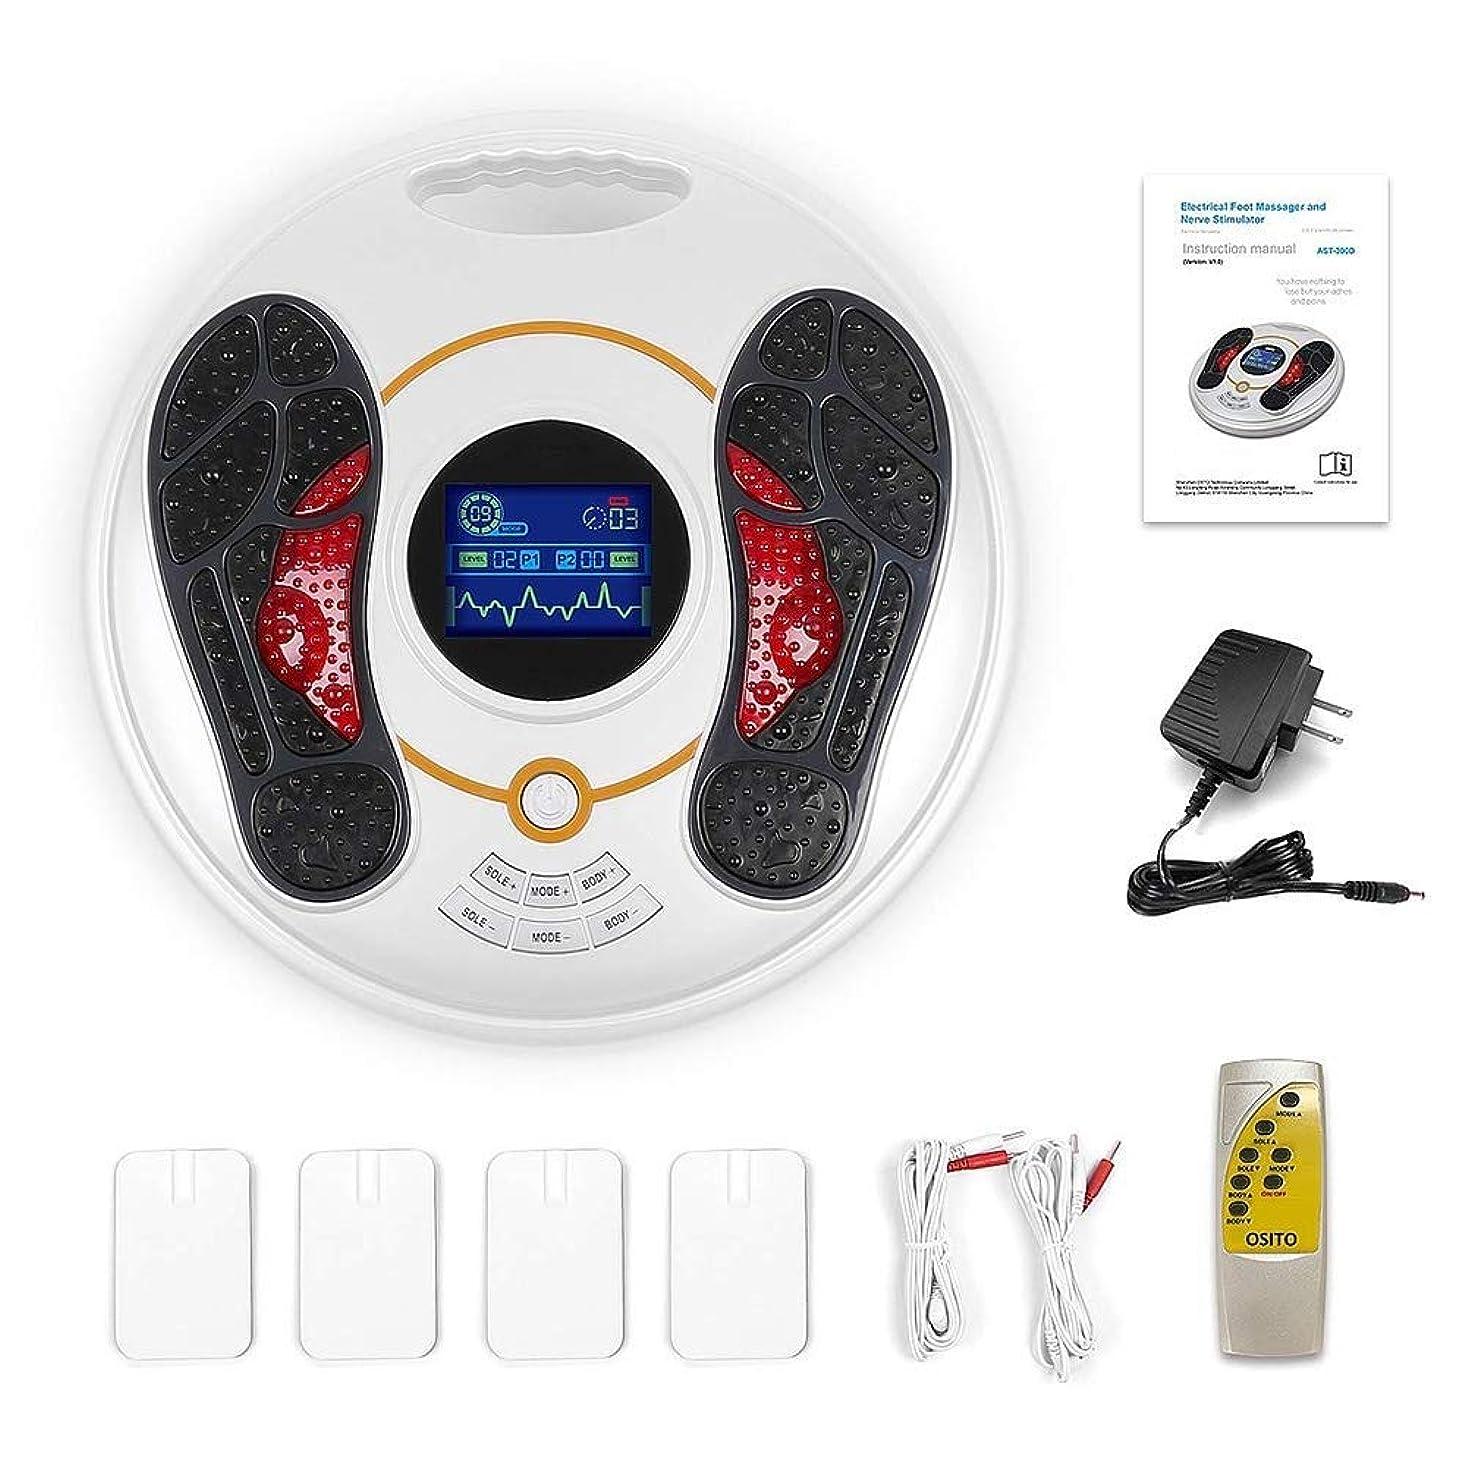 みぞれマスタード禁止NJC リモコン付きフットマッサージャー、熱を備えた指圧ディープマッサージ、赤外線ライト内蔵の足裏マッサージ、